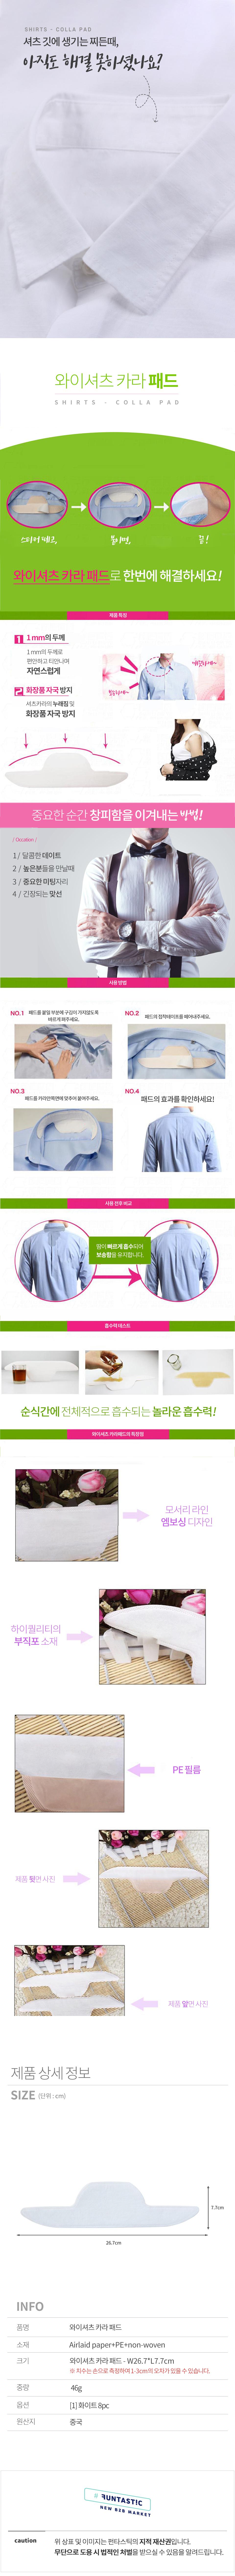 와이셔츠 collar 목때 목땀 밴드 패드 땀패치 와이셔츠 카라 패드 - 옐로우랩, 8,900원, 상의, 셔츠